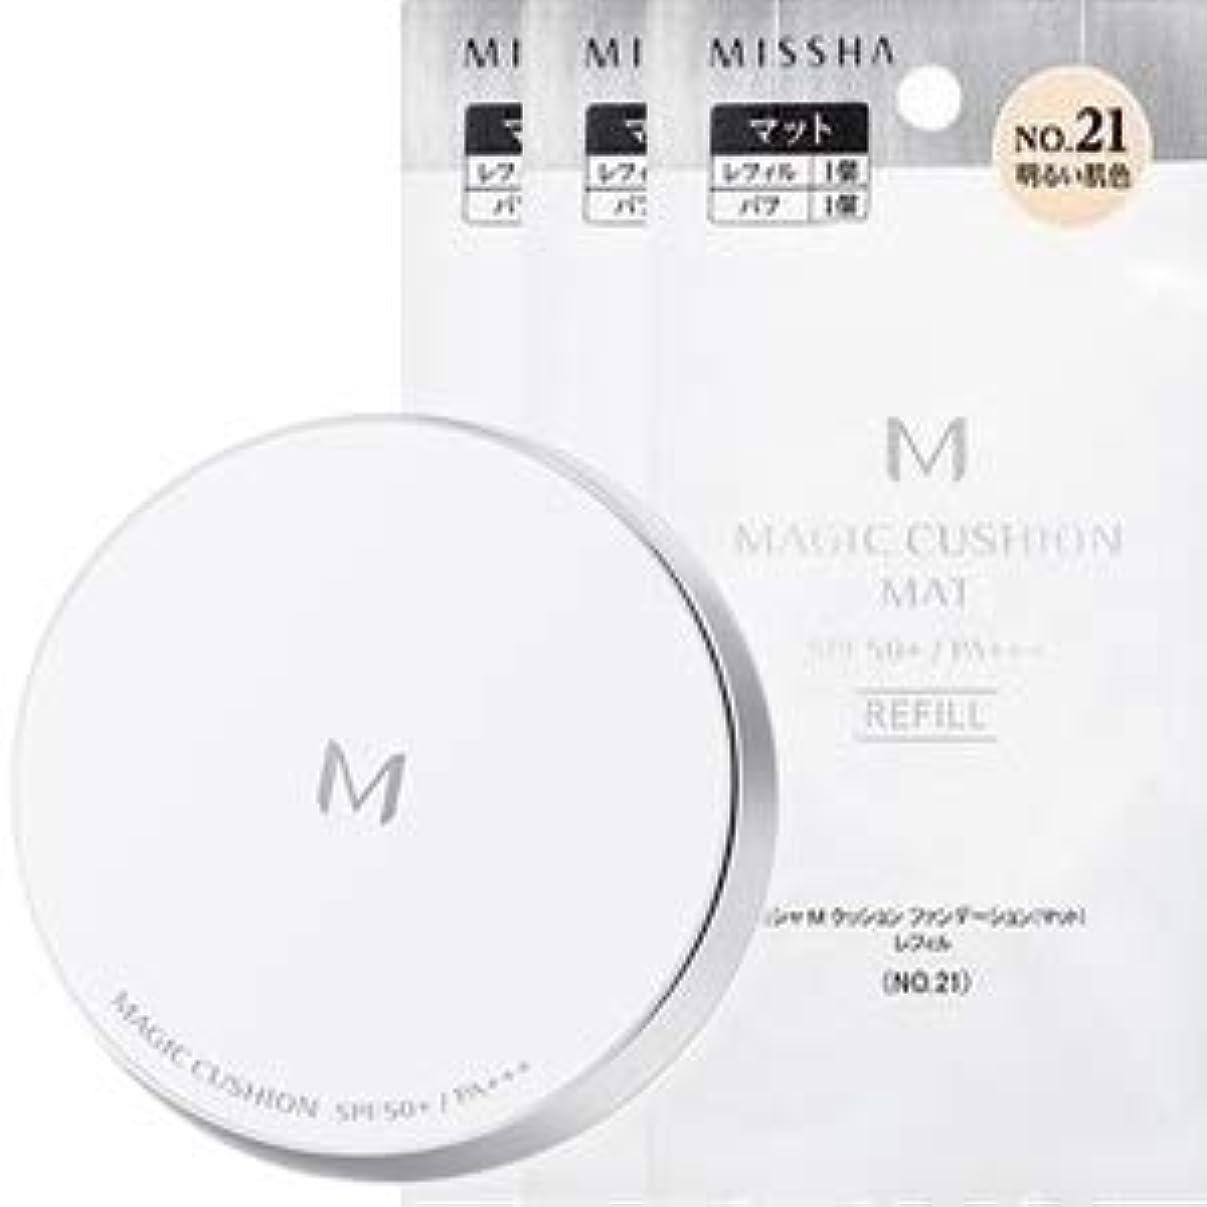 ブーム磁気リップミシャ M クッション ファンデーション (マット) No.21 本体 + レフィル 3点セット